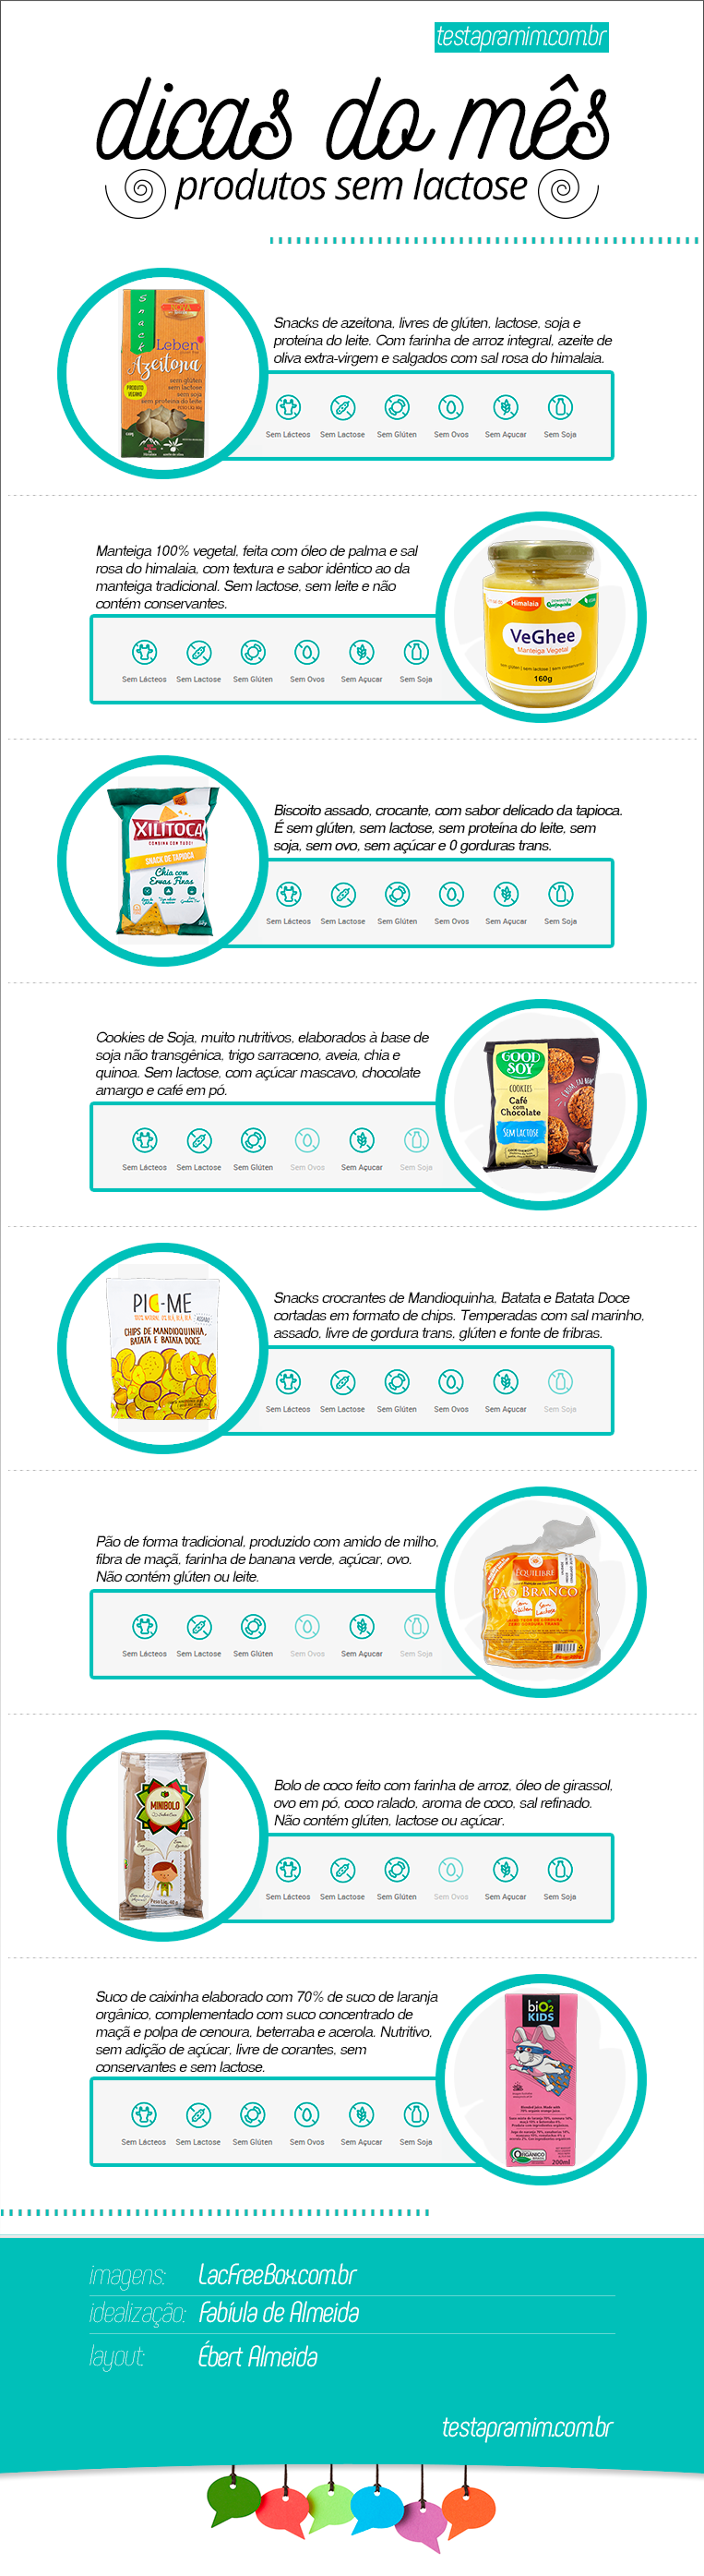 Dicas do mês produtos sem lactose